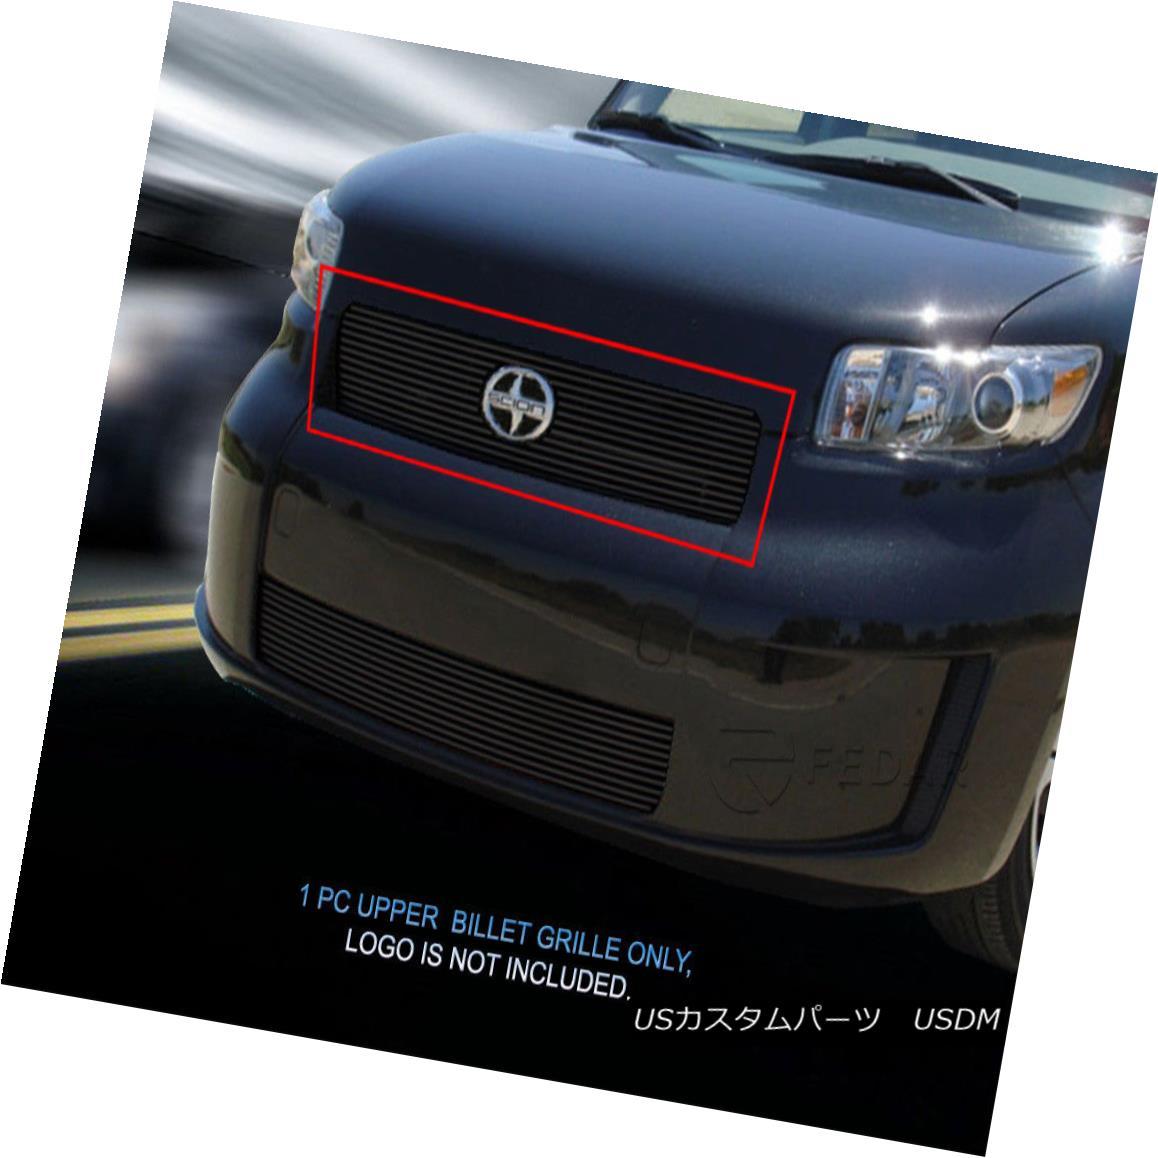 グリル For 2008-2010 Scion XB Black Bolt-On Billet Grille Main Upper Grill Insert Fedar 2008-2010シオンXBブラックボルトオンビレットグリルメインアッパーグリルインサートフェルダ